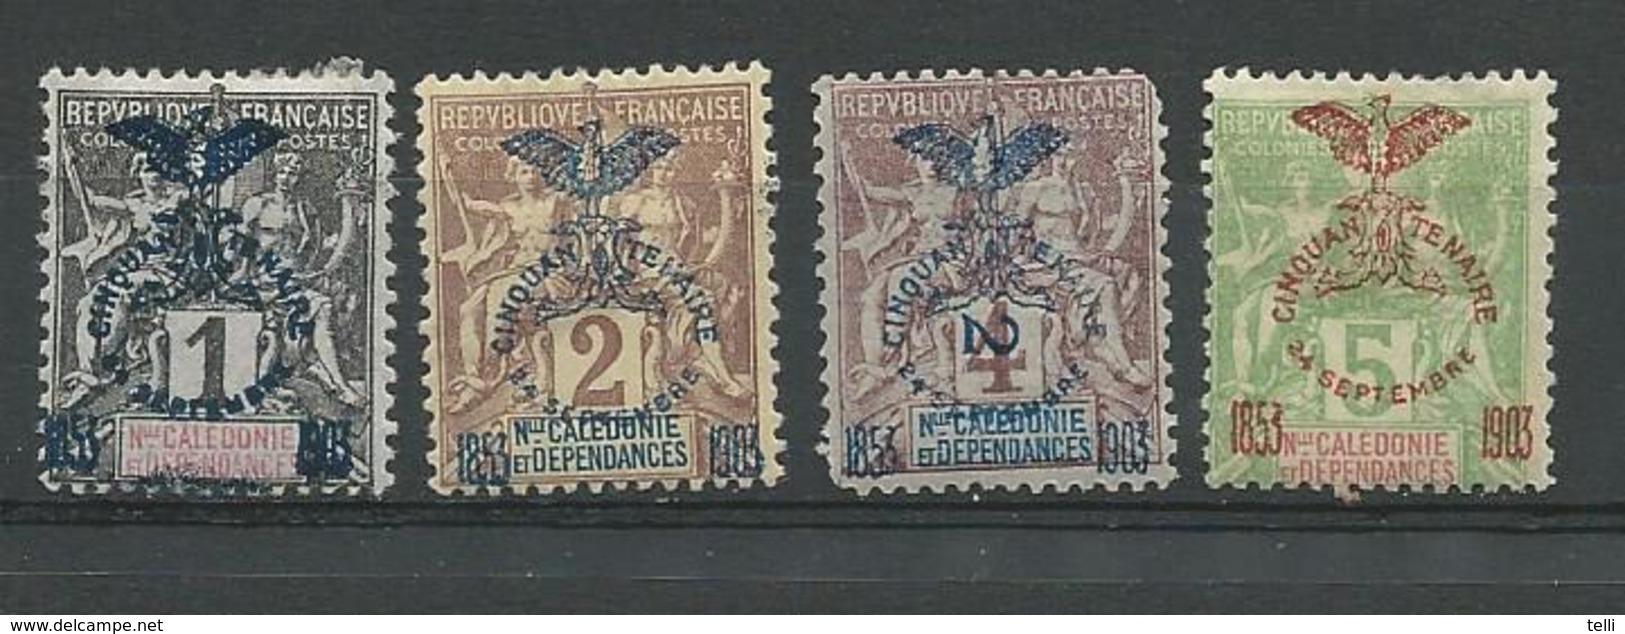 NOUVELLE CALÉDONIE Scott 66, 67, 68, 70 Yvert 67, 68, 69, 71 (4) * Cote 19,50 $1903 - Nouvelle-Calédonie